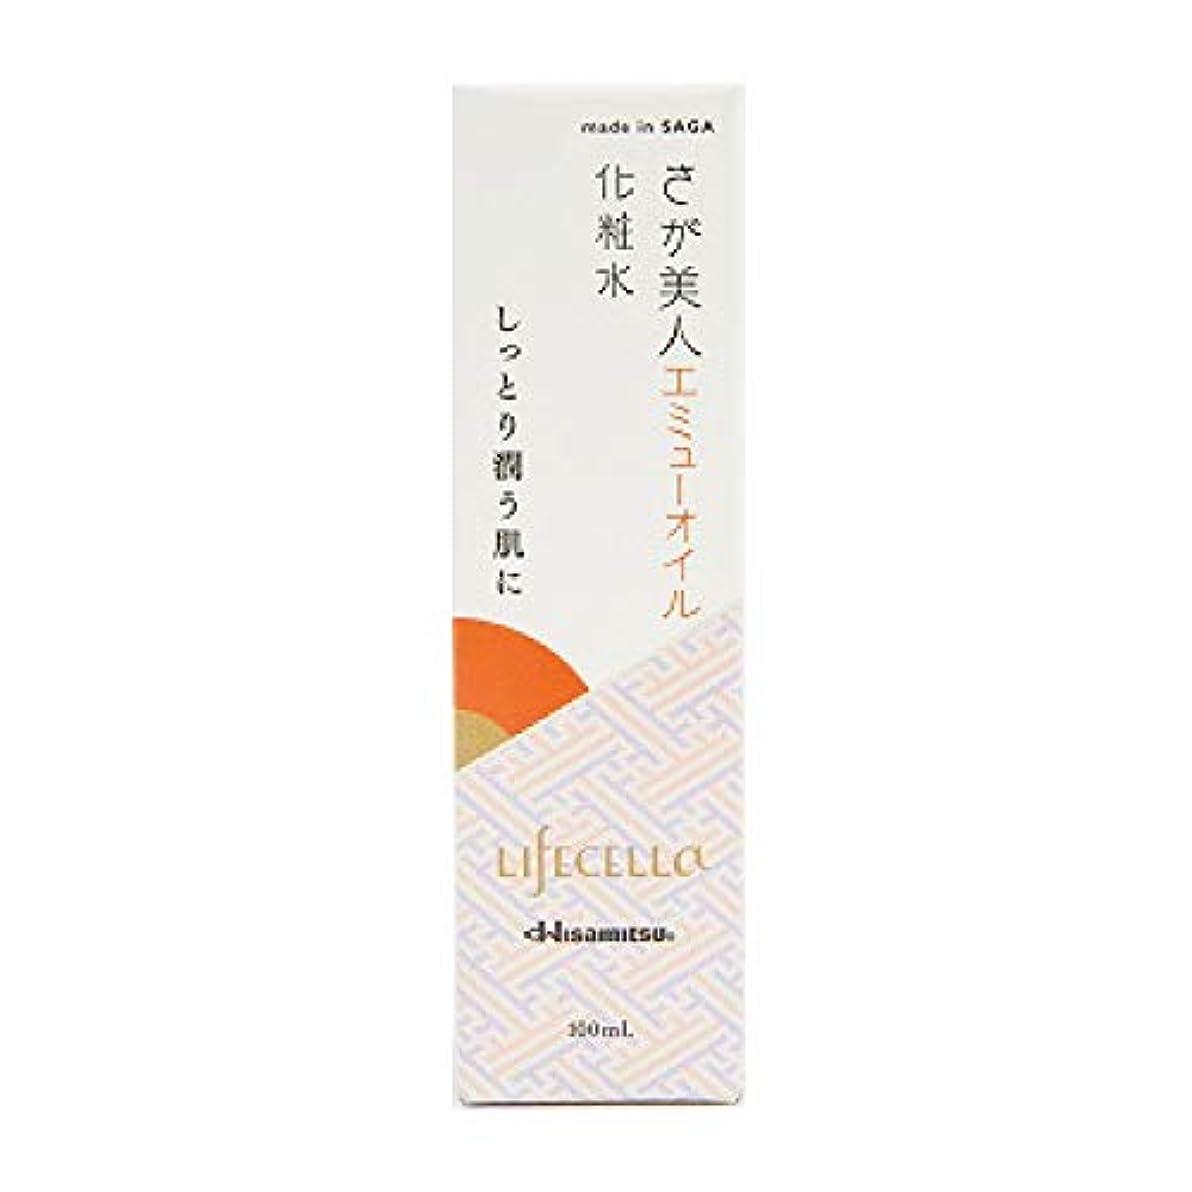 キッチンロデオロゴさが美人 化粧水 (エミュー) 久光製薬 ご当地 コスメ 保湿